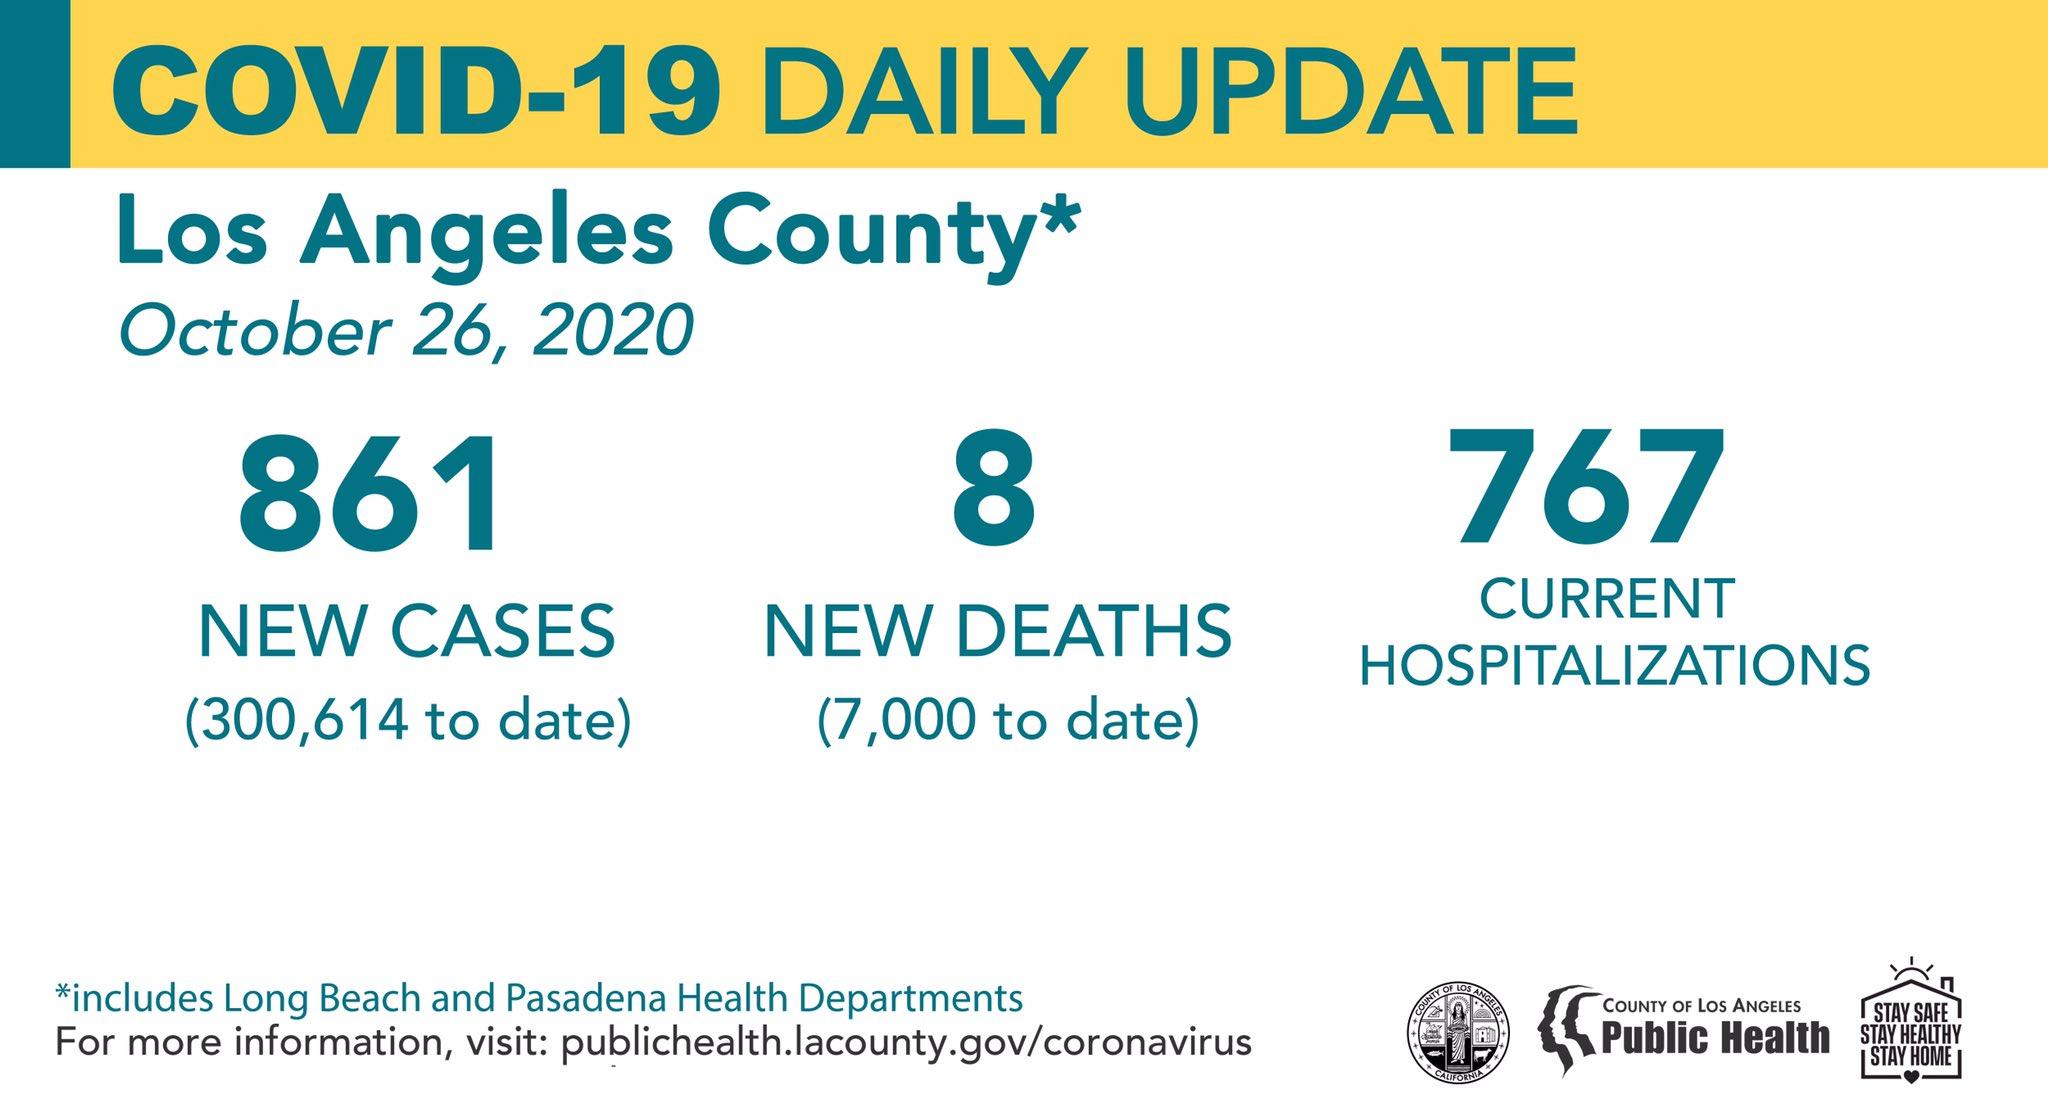 洛杉矶10月26日新增新冠861例,死亡8例